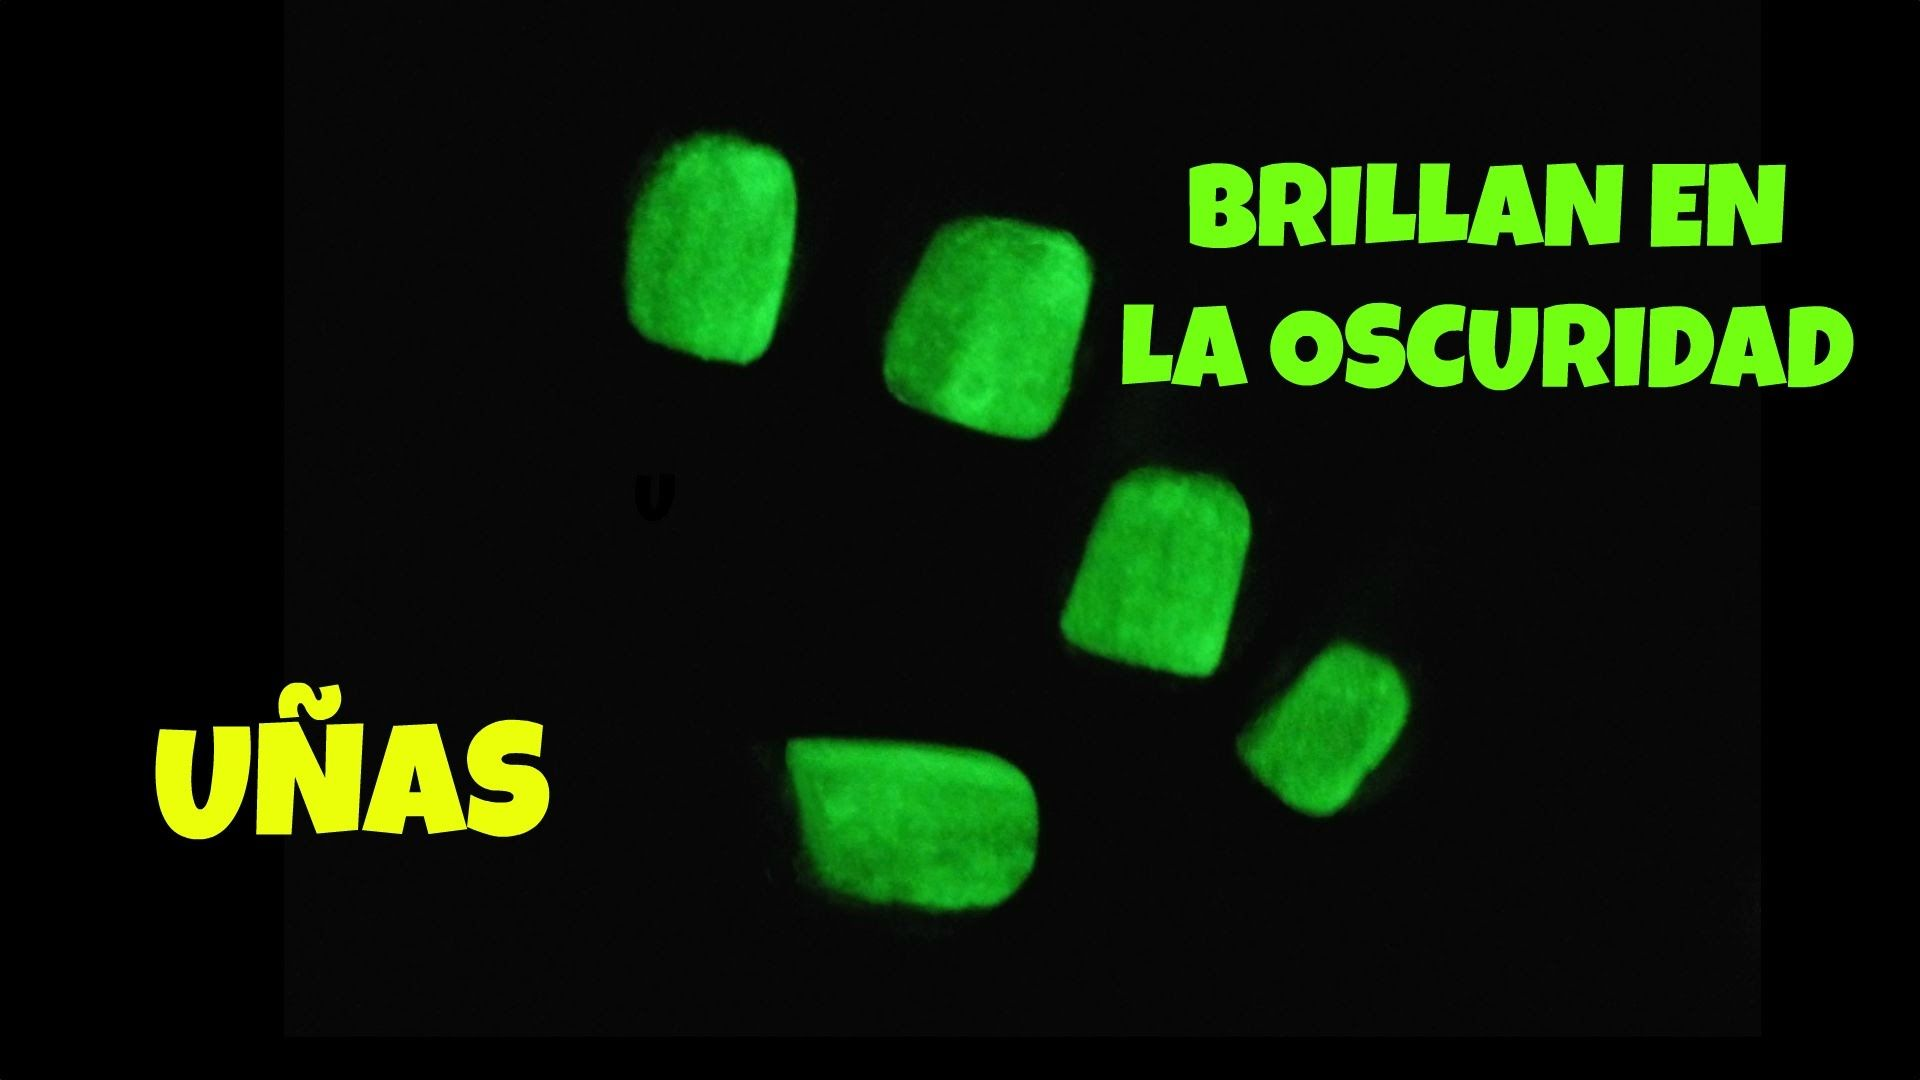 Cómo hacer que las UÑAS BRILLEN EN LA OSCURIDAD | Uñas | Nails ...